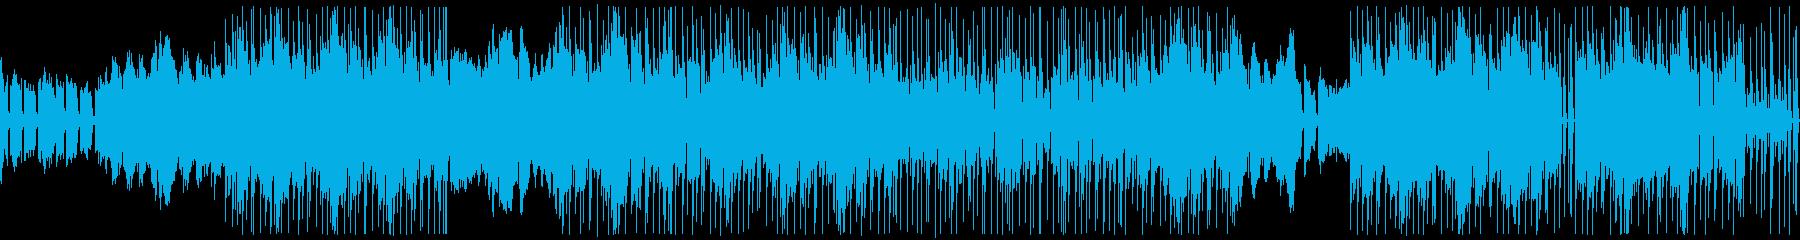 ピアノのゆったりとLo-fiなサウンドの再生済みの波形